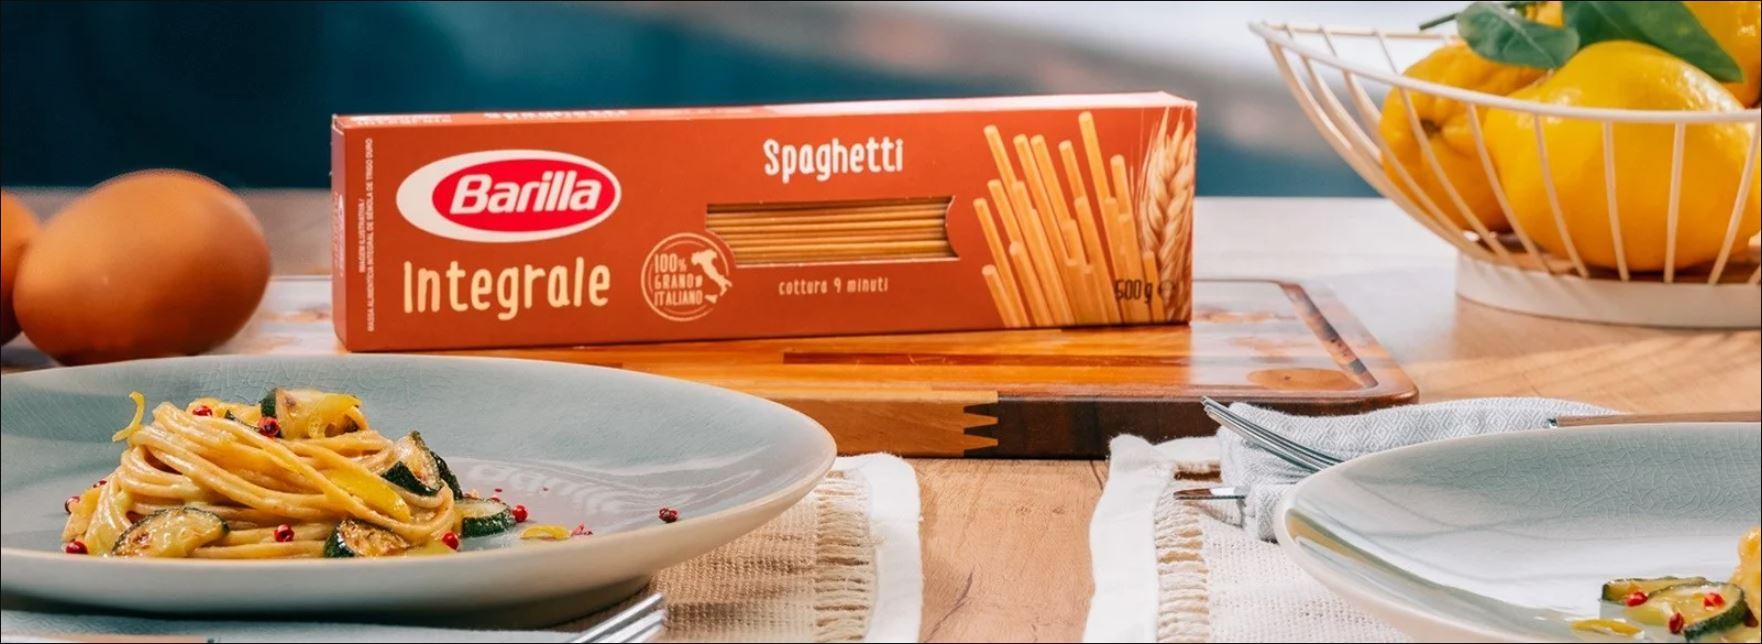 Buono sconto Pasta Integrale Barilla da scaricare gratis GosuMania